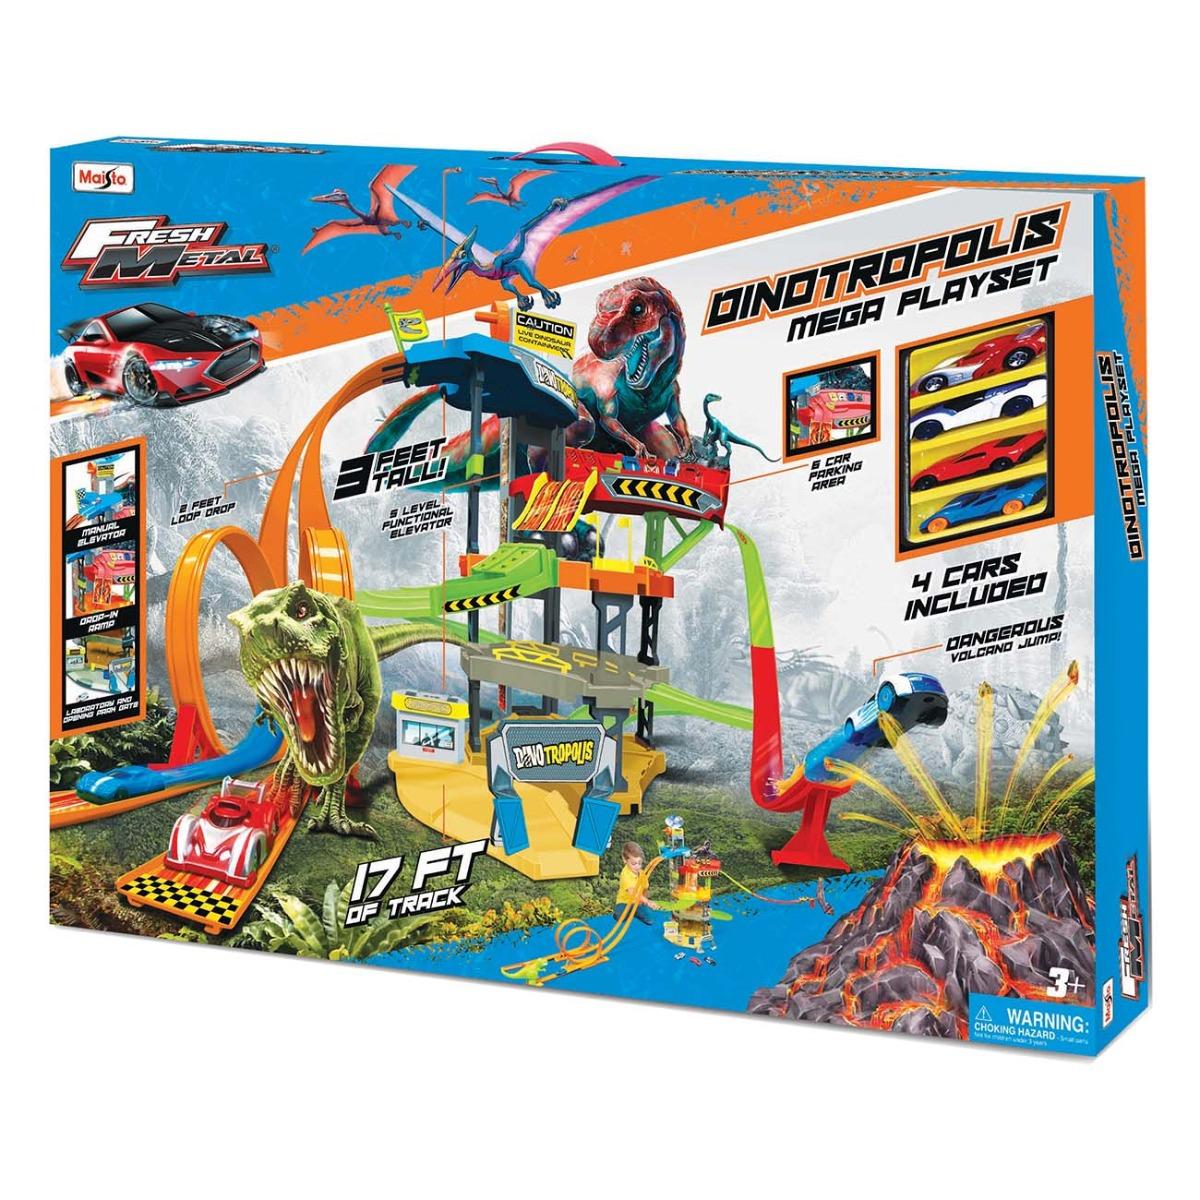 Set de joaca Parcare supraetajata cu 5 nivele Maisto Dinotropolis